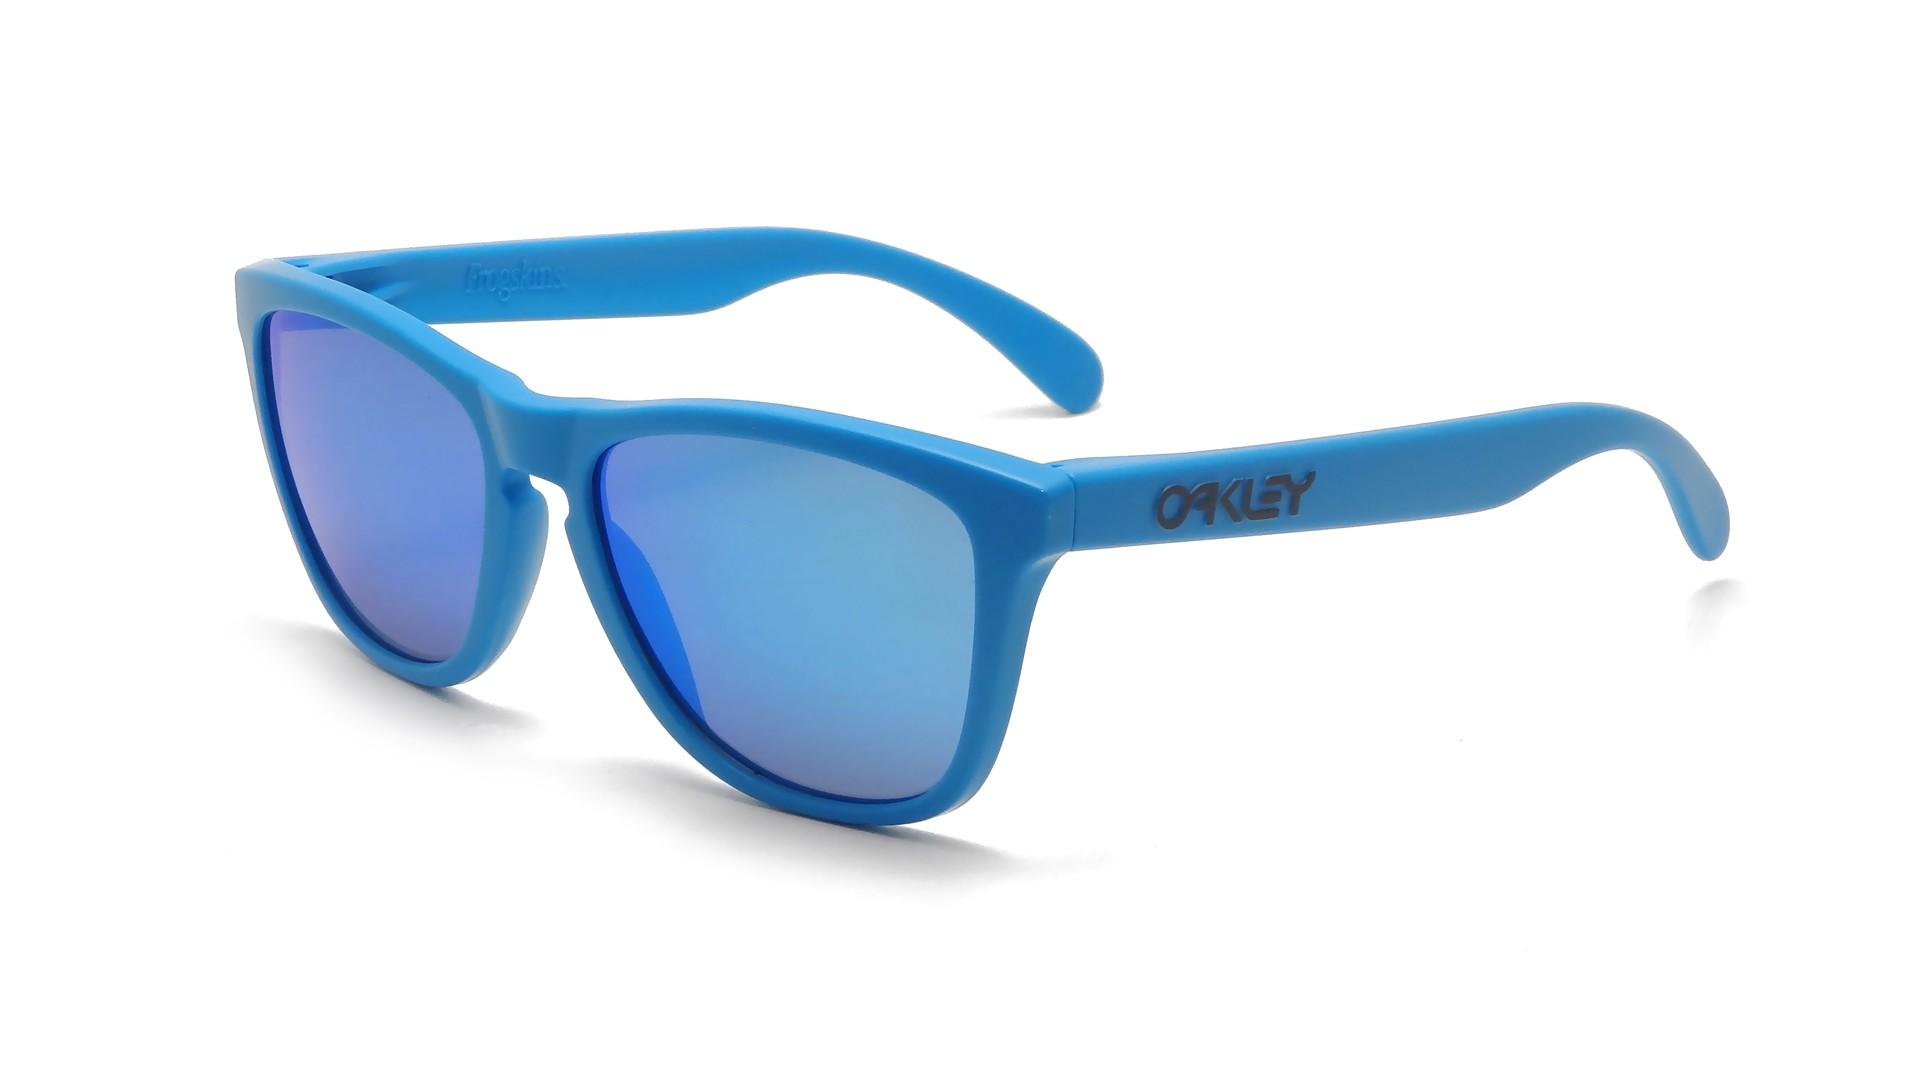 blue oakley glasses dl4w  Oakley Frogskins Blue OO9013 15 55-17  Visiofactory